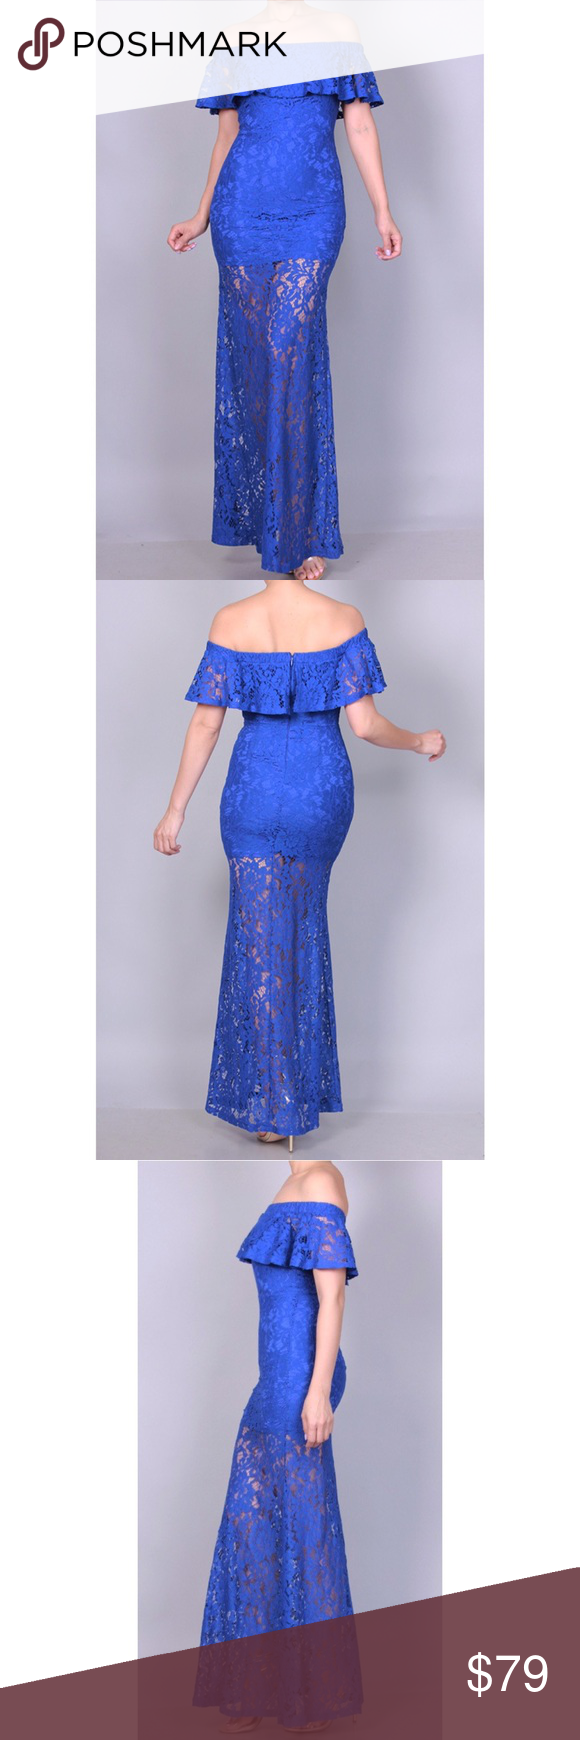 Royal blue lace dress styles  VICTORIA OFF SHOULDER BLUE LACE MAXI DRESS Boutique  My Posh Closet